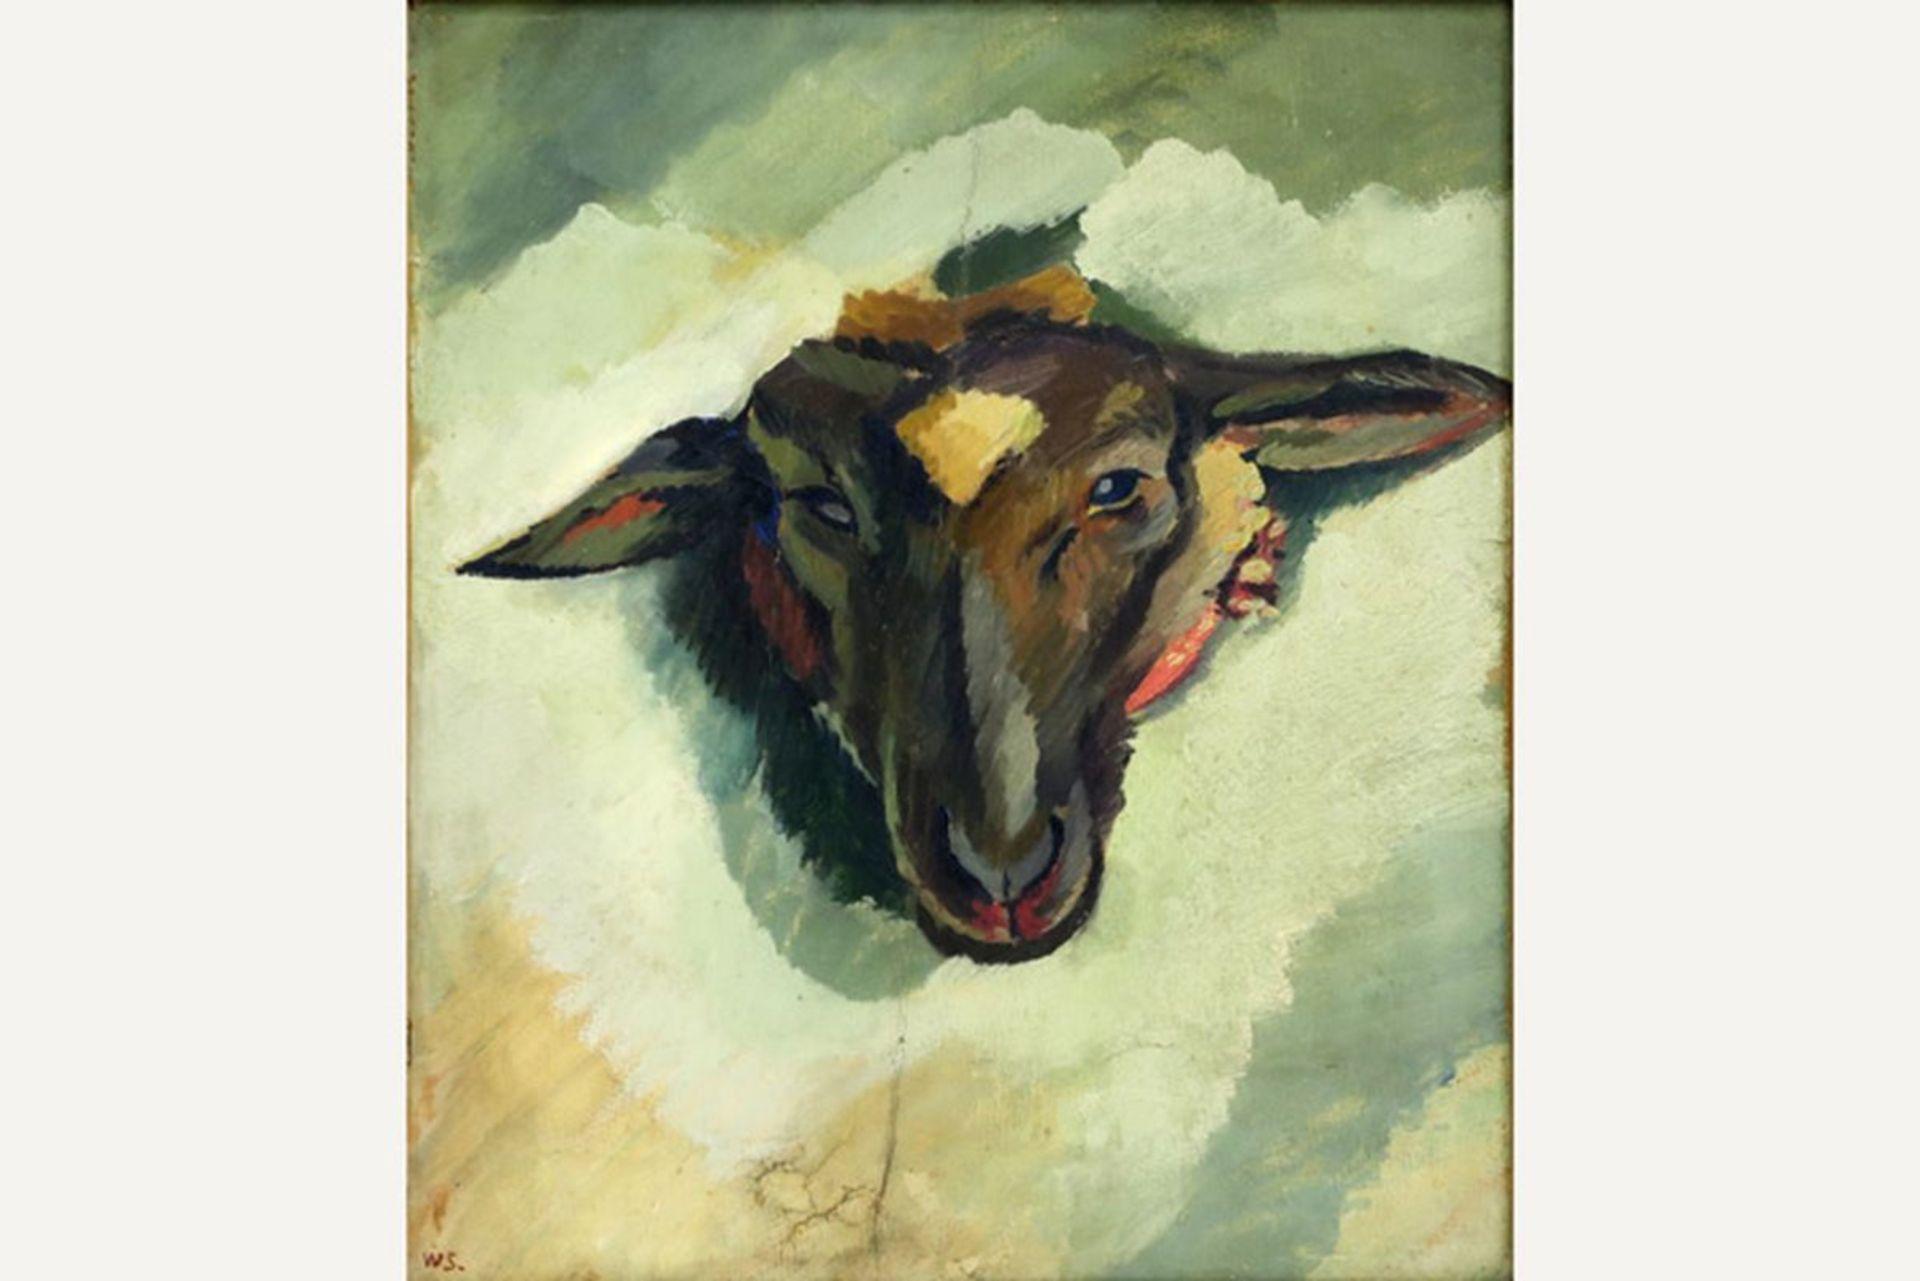 """SCHARFF WILLIAM (1886 - 1959) Deens olieverfschilderij op doek : """"Schapenkop"""" - 42 [...] - Bild 2 aus 4"""